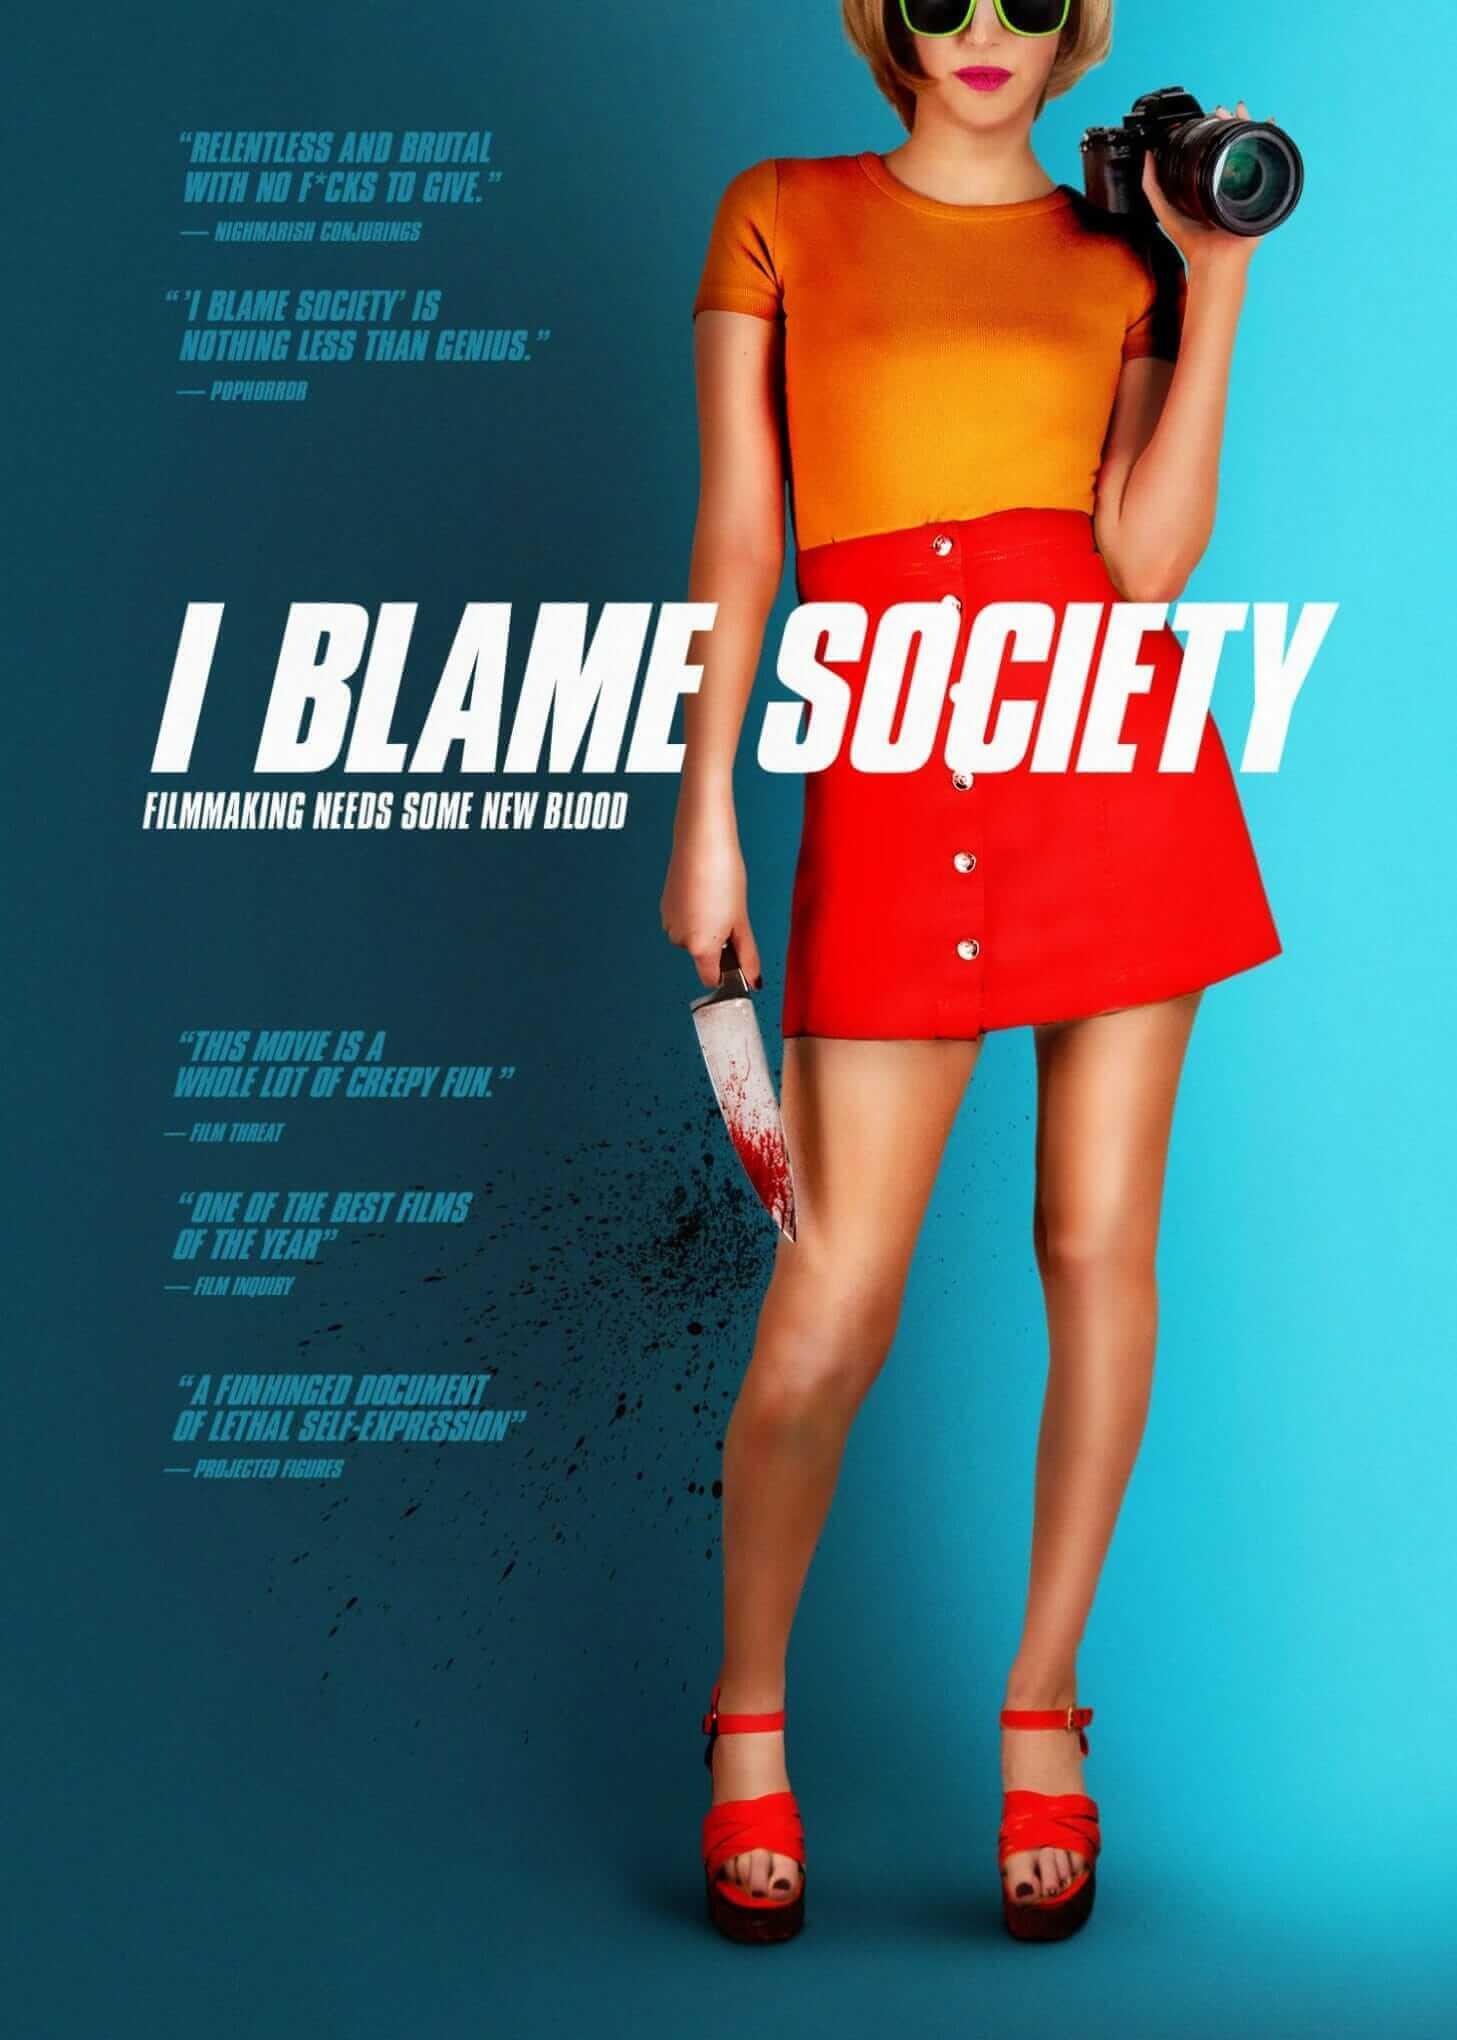 i blame society poster 2021